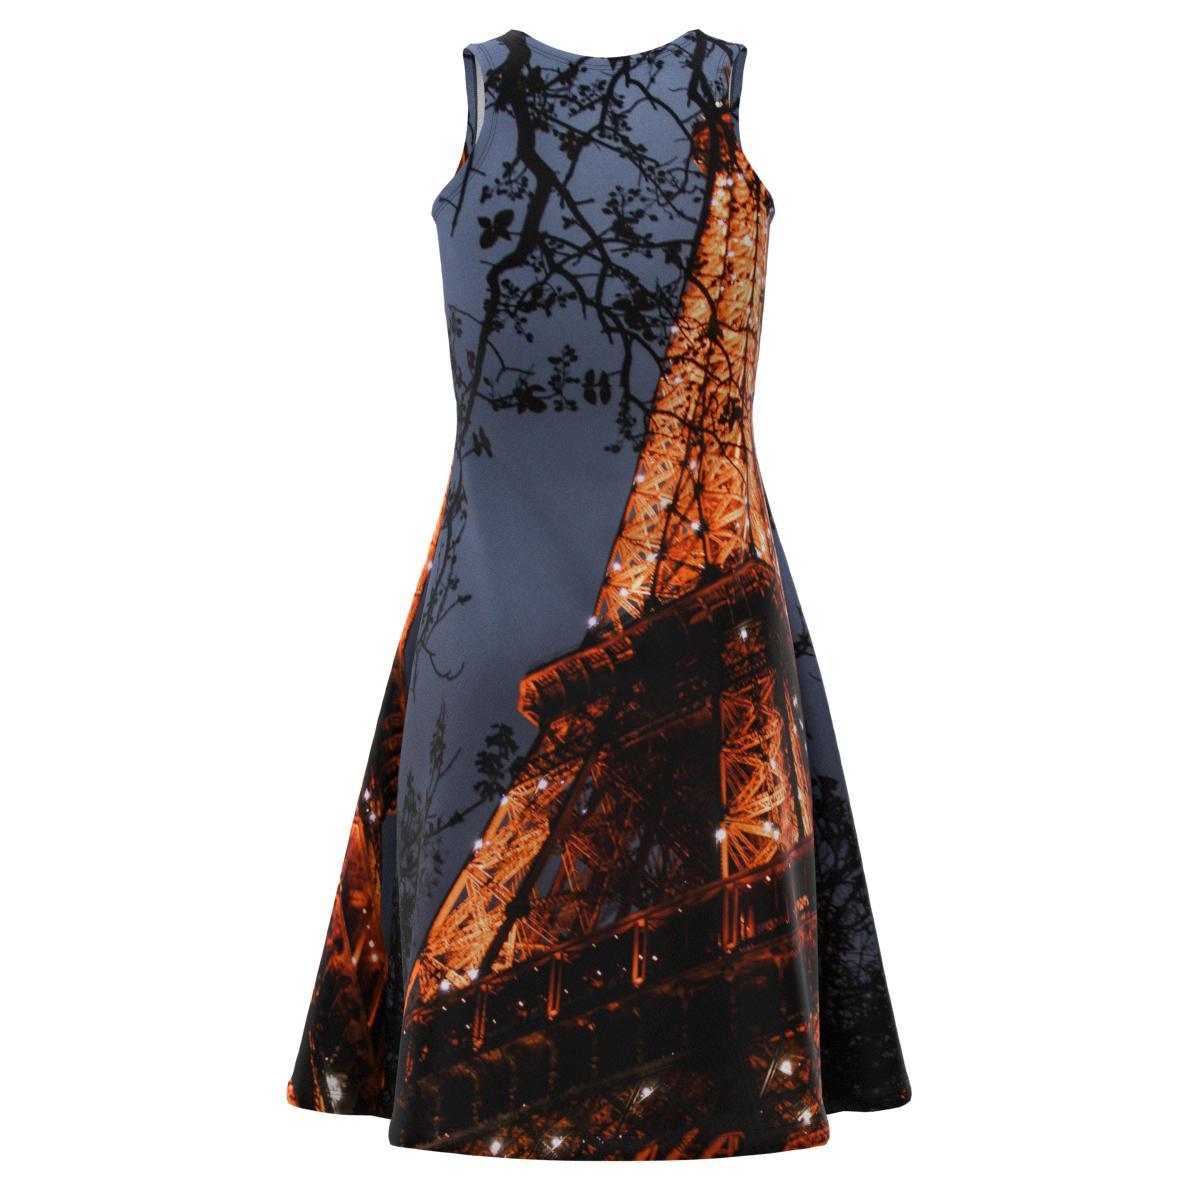 Eiffel Eiffel Eiffel Tower Paris City View Landscape Women Short Dress Size XS-5XL Plus 433815